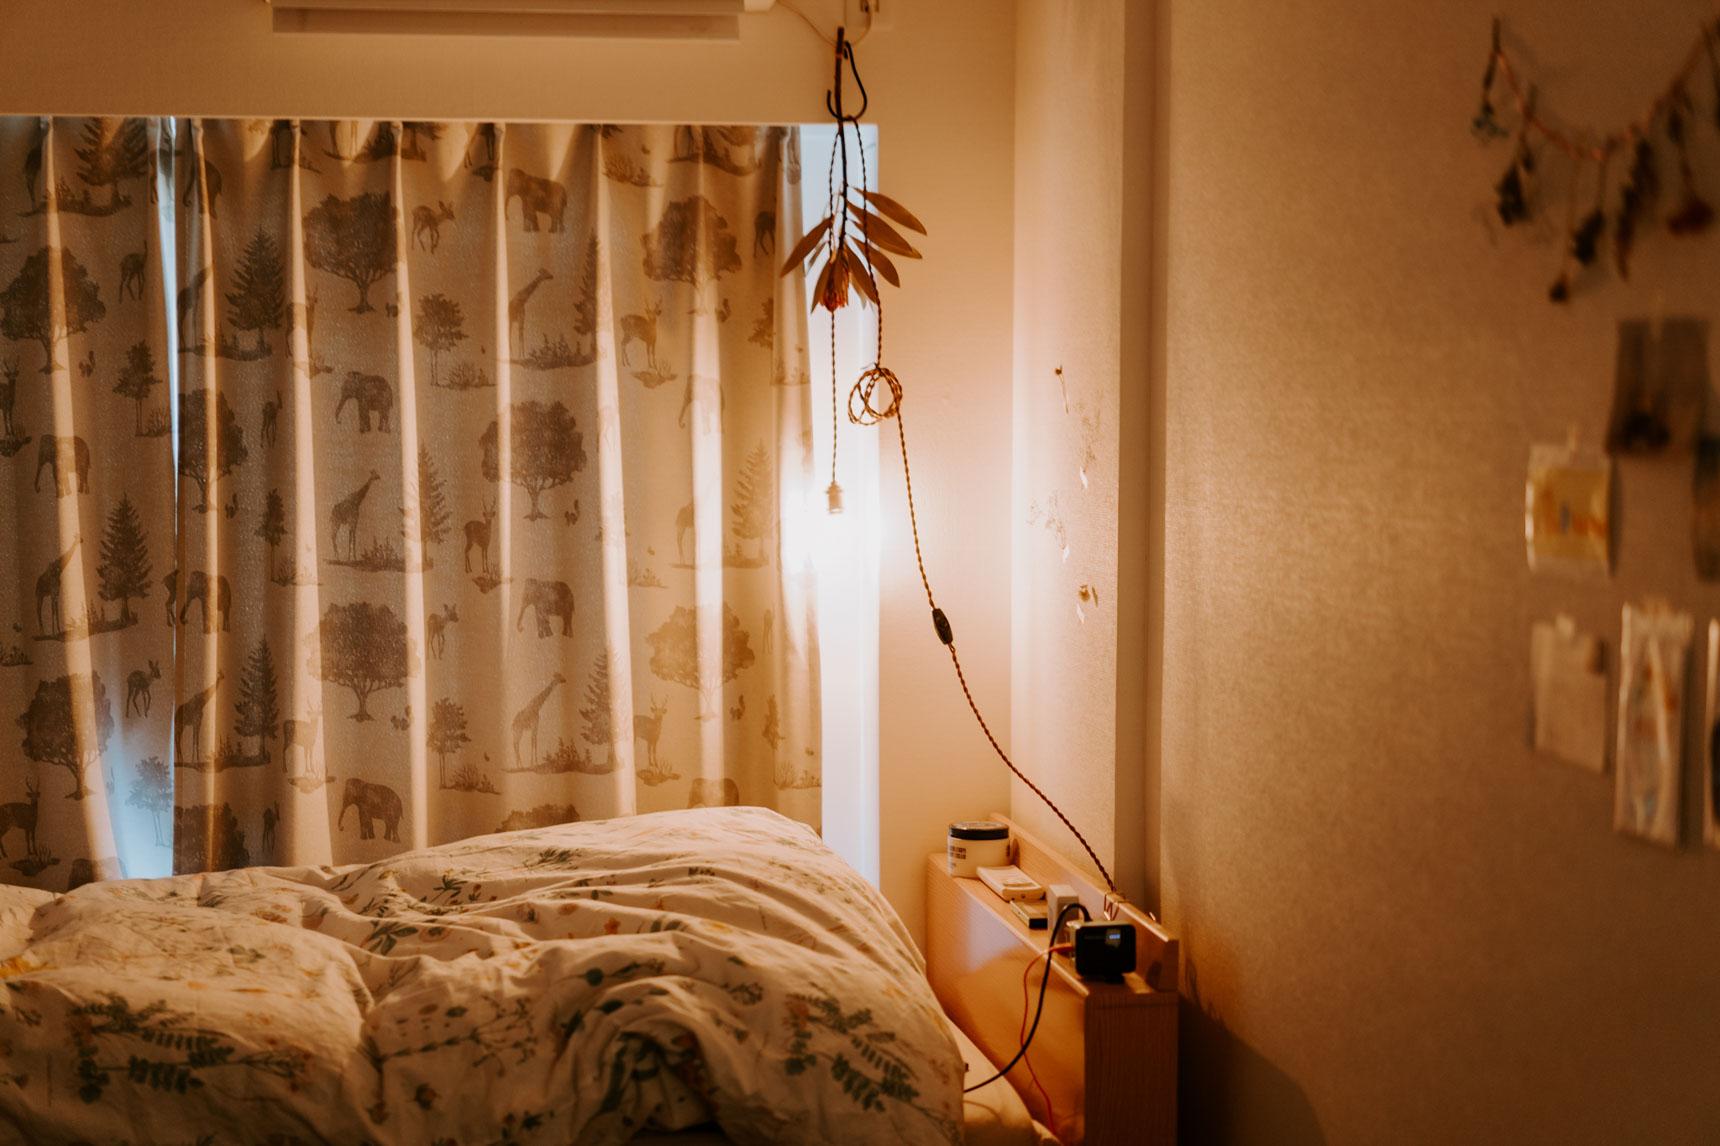 照明の使い方も上手でした。夜、寝る前の照明は、エアコンのコードを利用して(!)フックにひっかけたエジソンランプ。